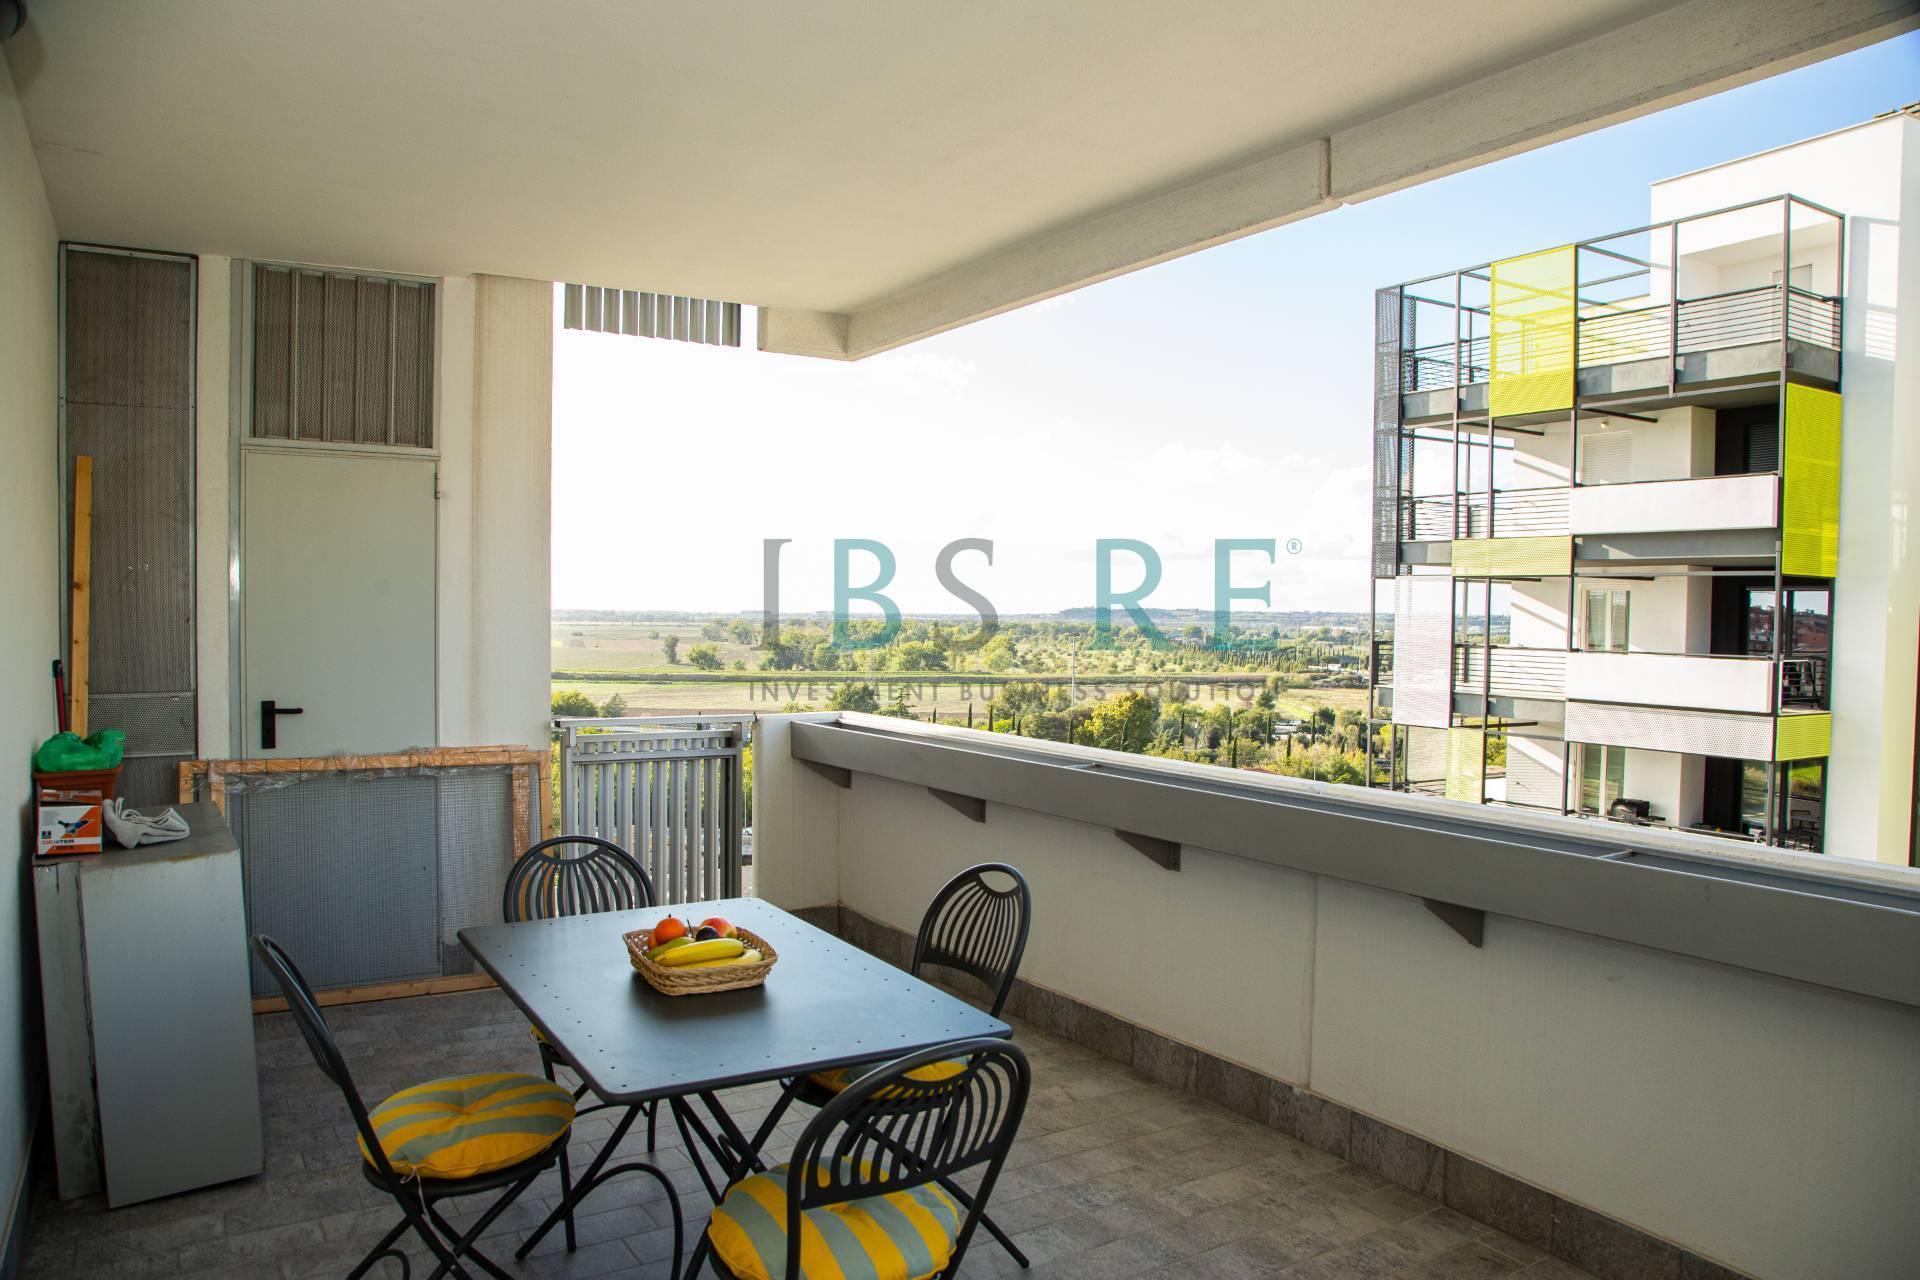 Appartamento in vendita a Roma, 3 locali, zona Zona: 22 . Eur - Torrino - Spinaceto, prezzo € 319.000 | CambioCasa.it